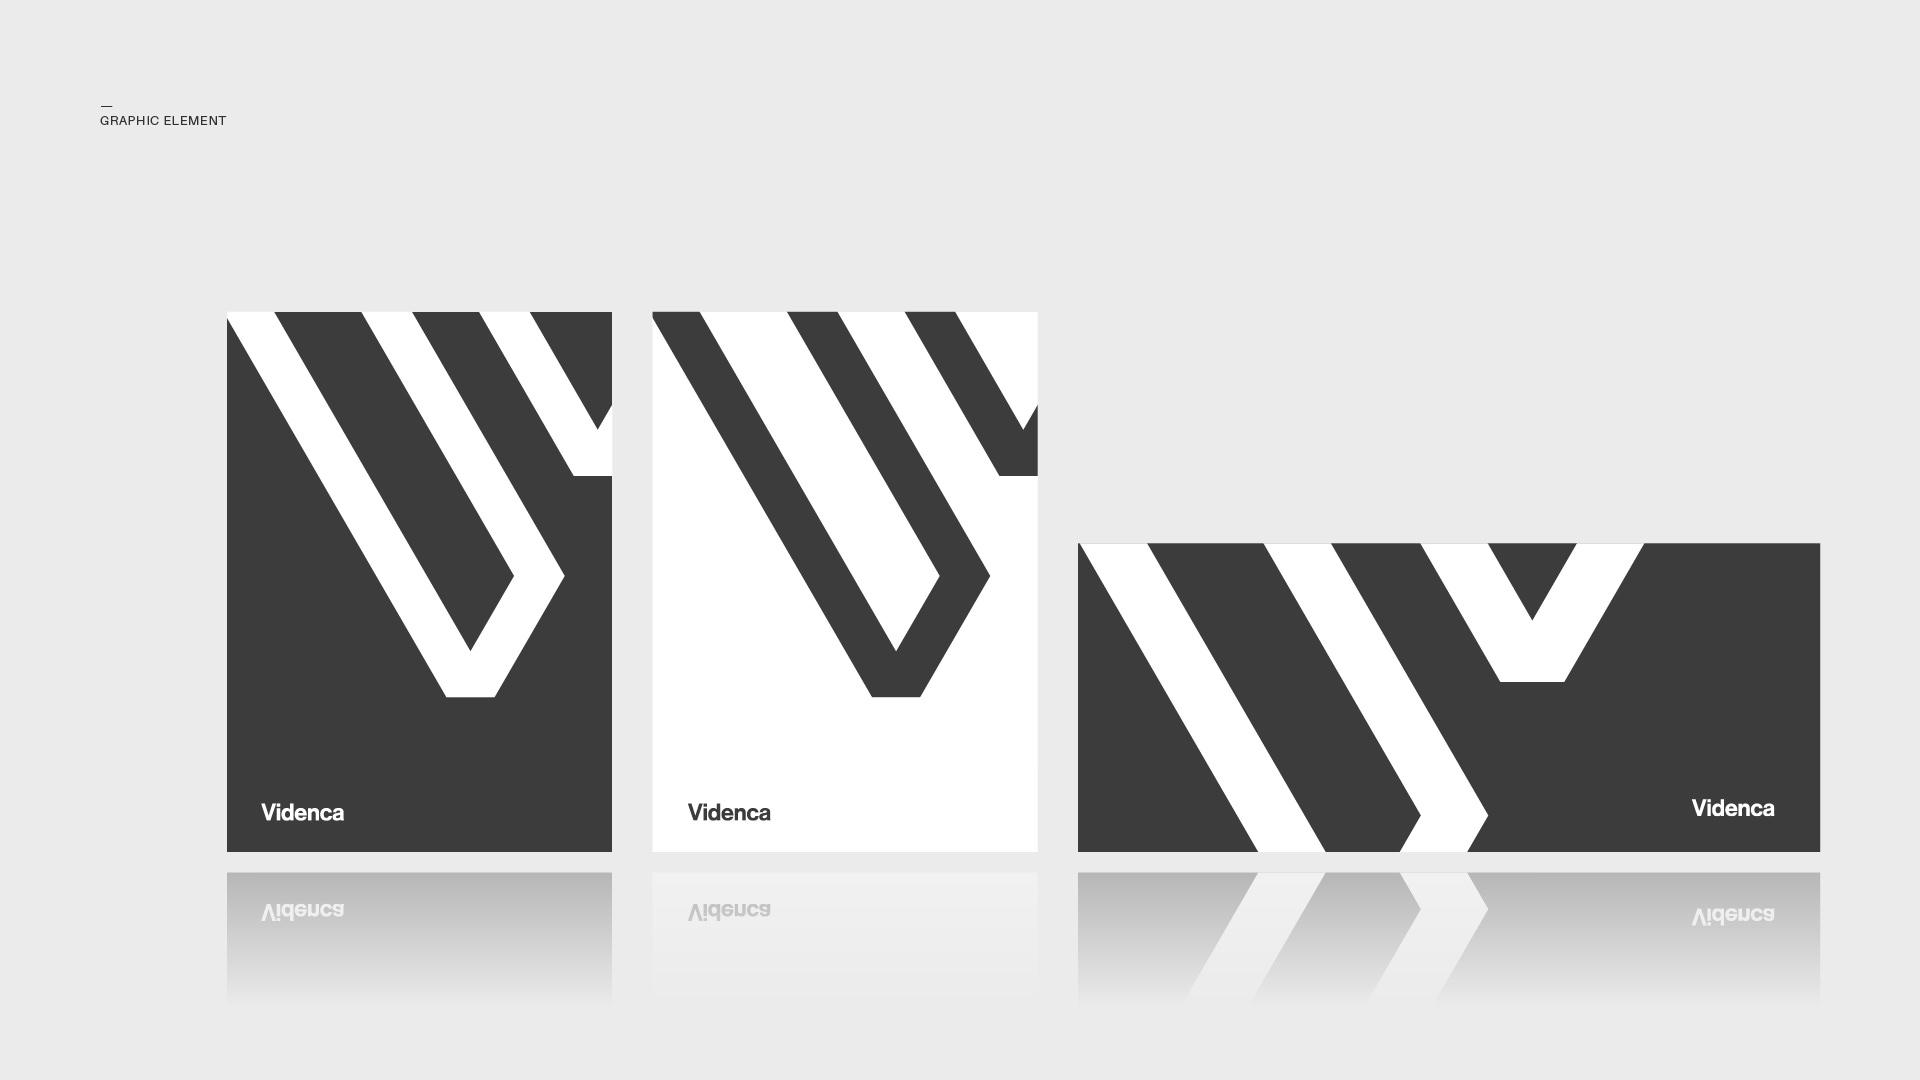 design-graphic-element-videnca